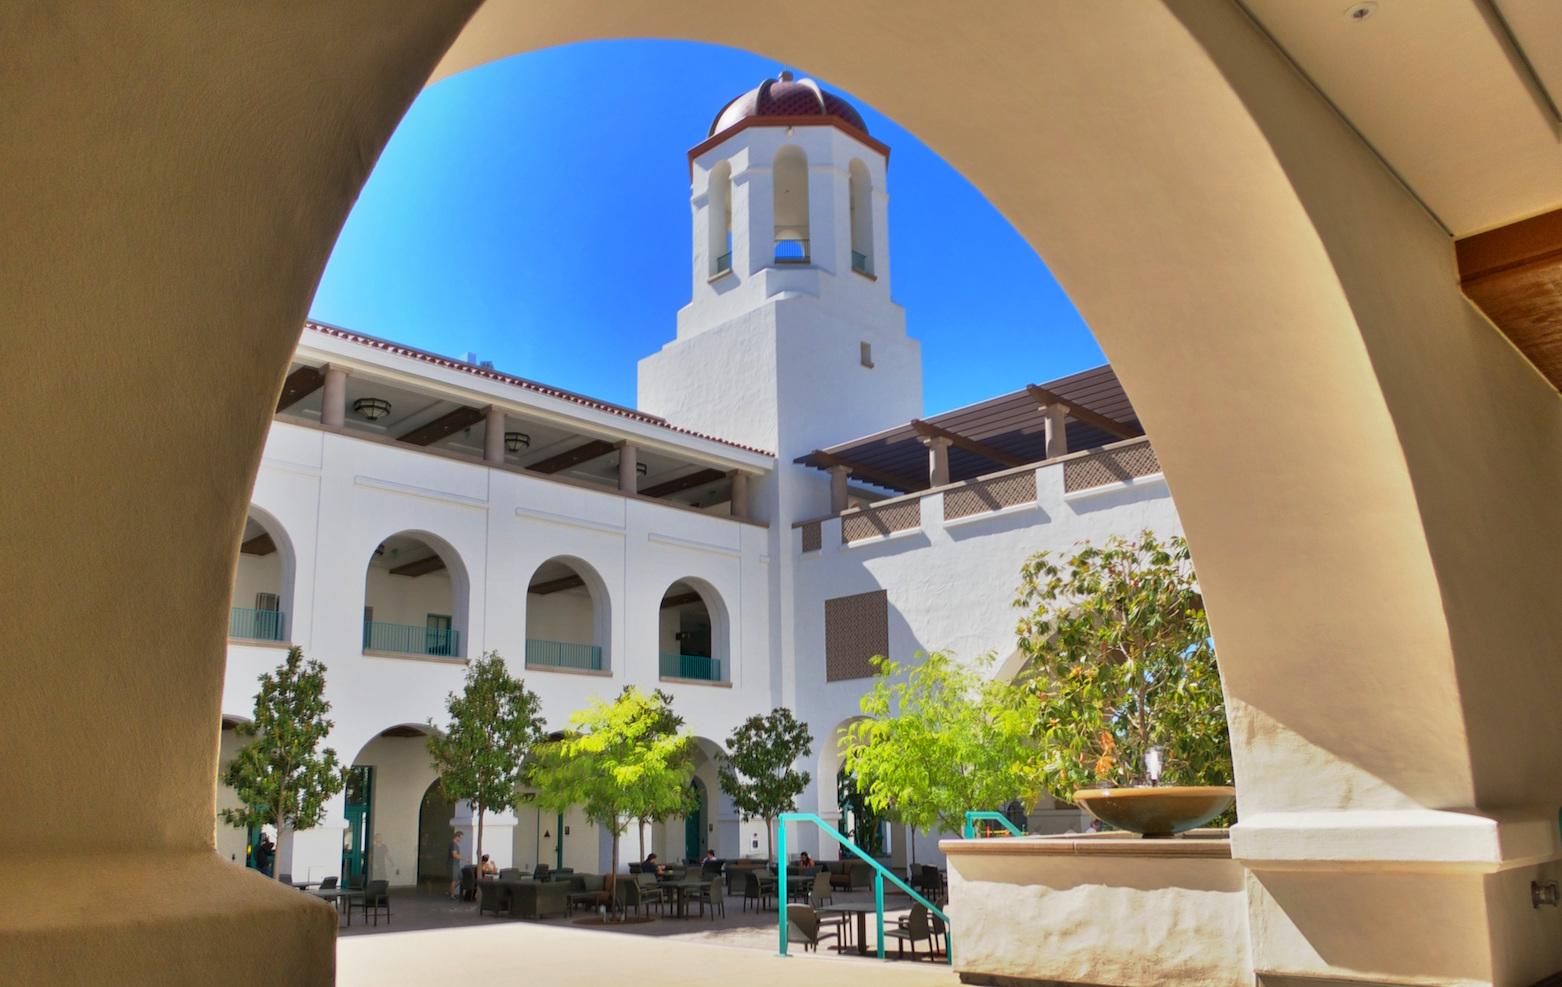 SDSU SFree mover vaihto-opiskelu - Diego State University